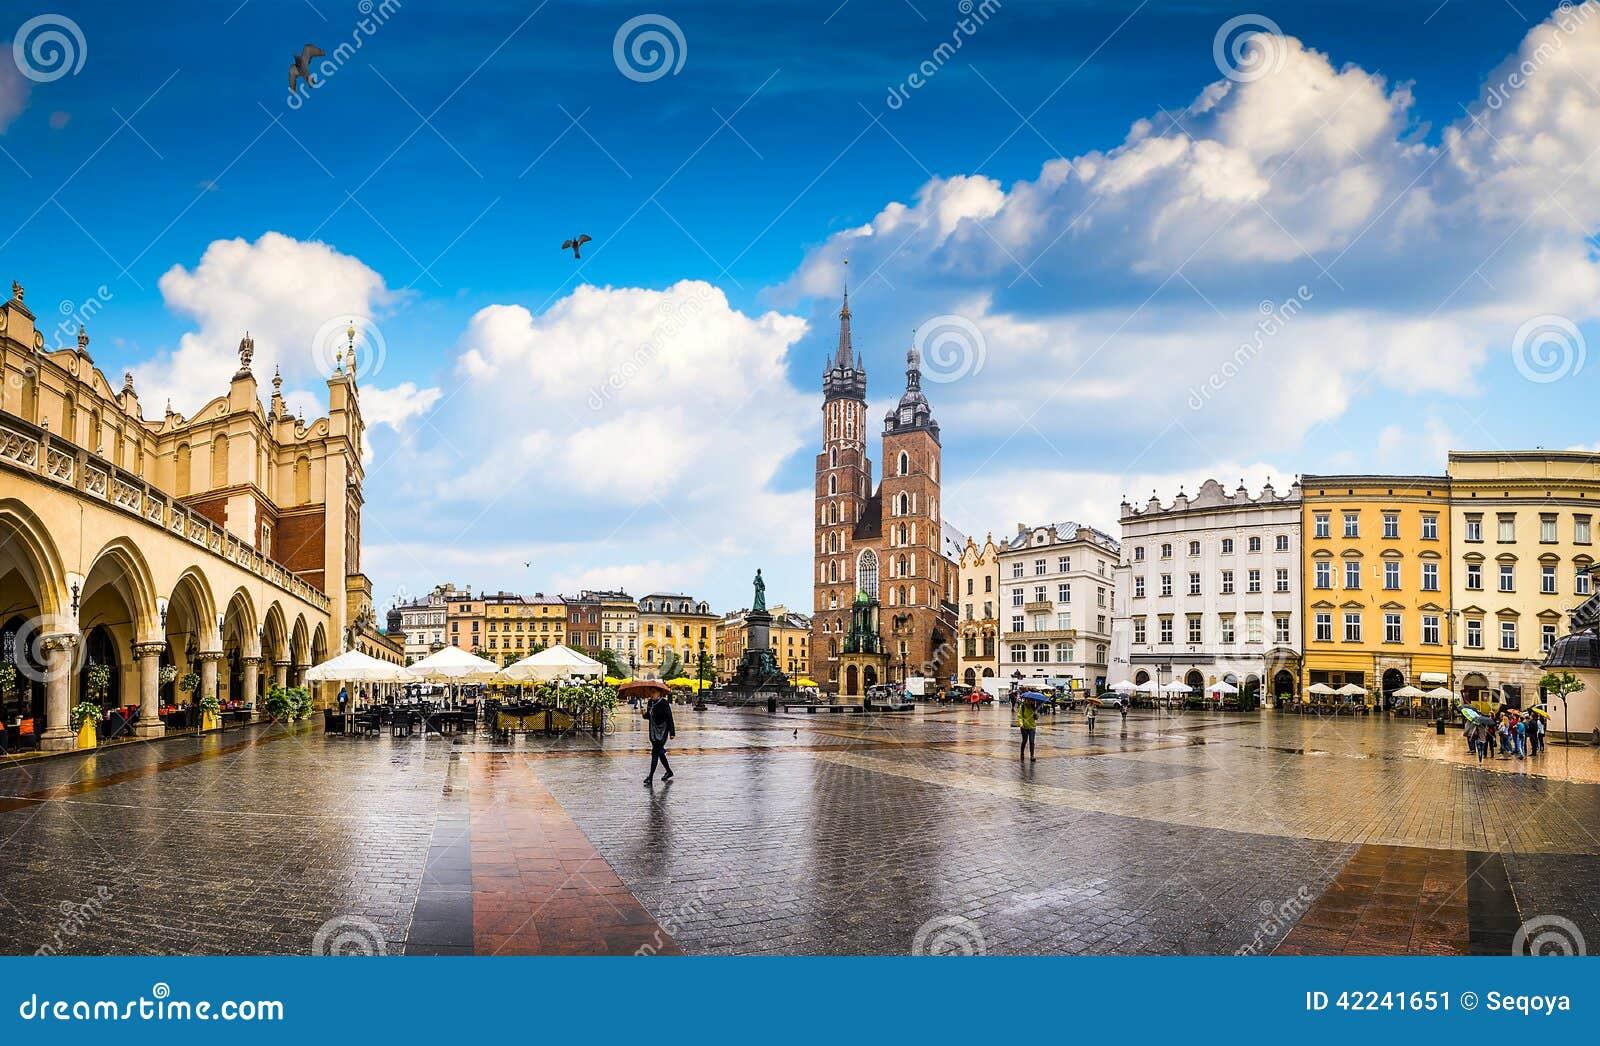 Krakow - o centro histórico do Polônia